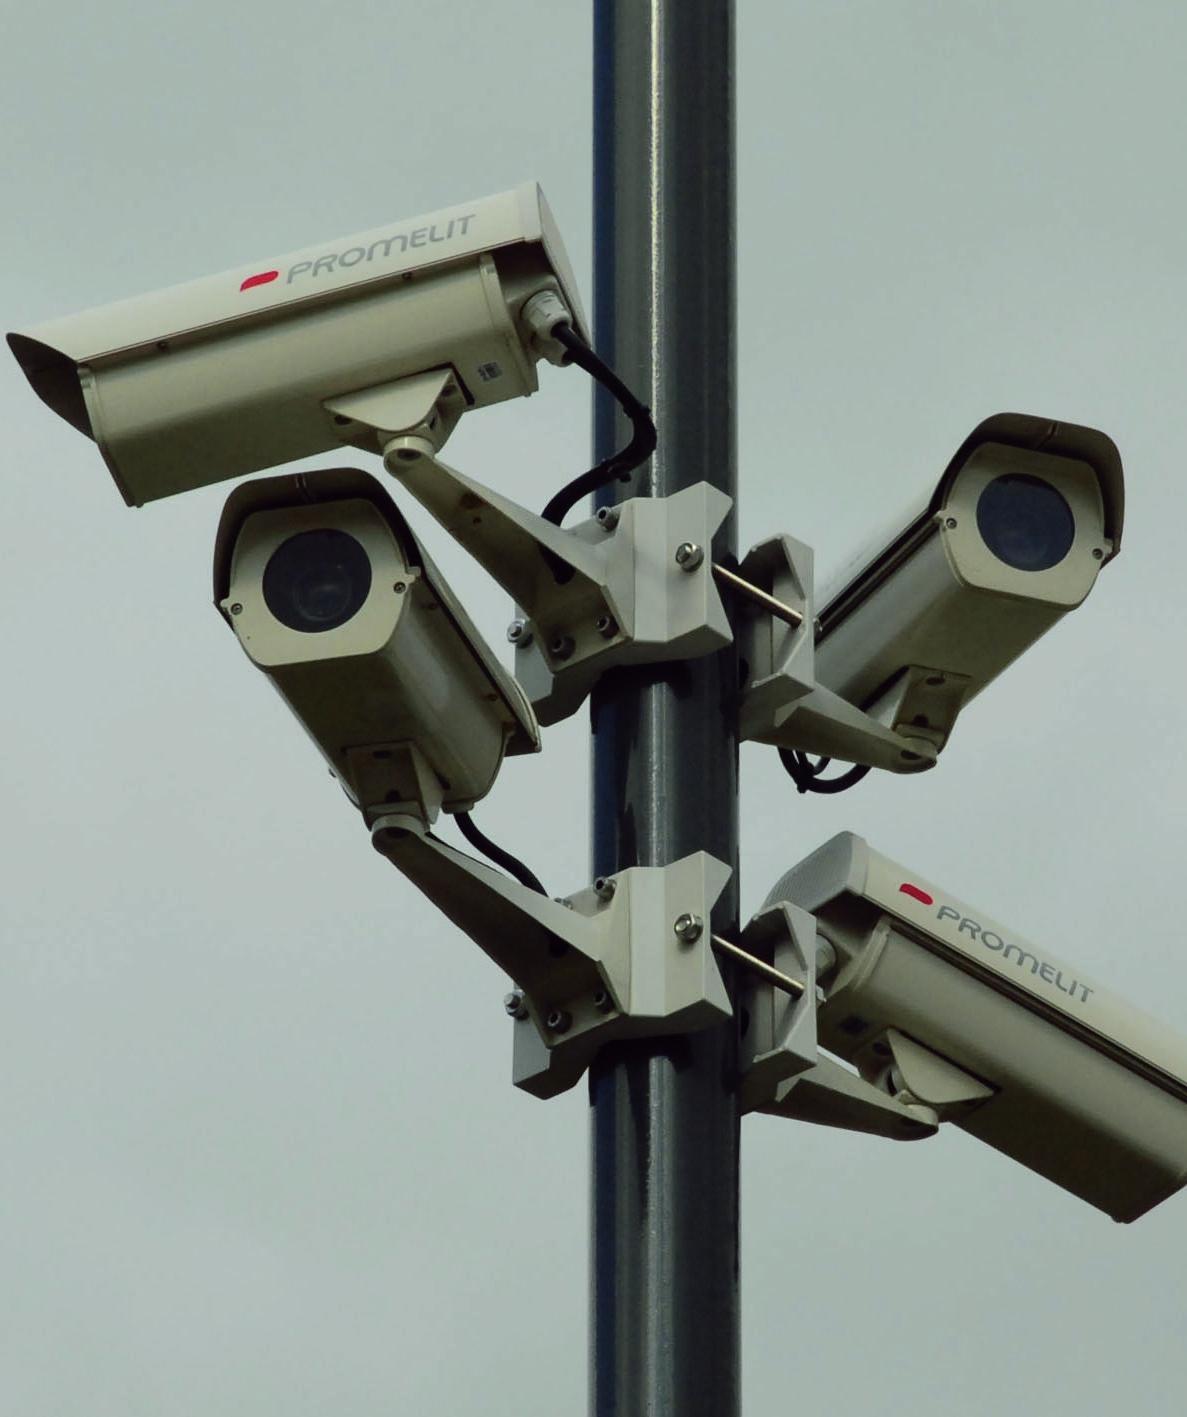 Stazione, scuole e centro, a Imola in arrivo 55 telecamere